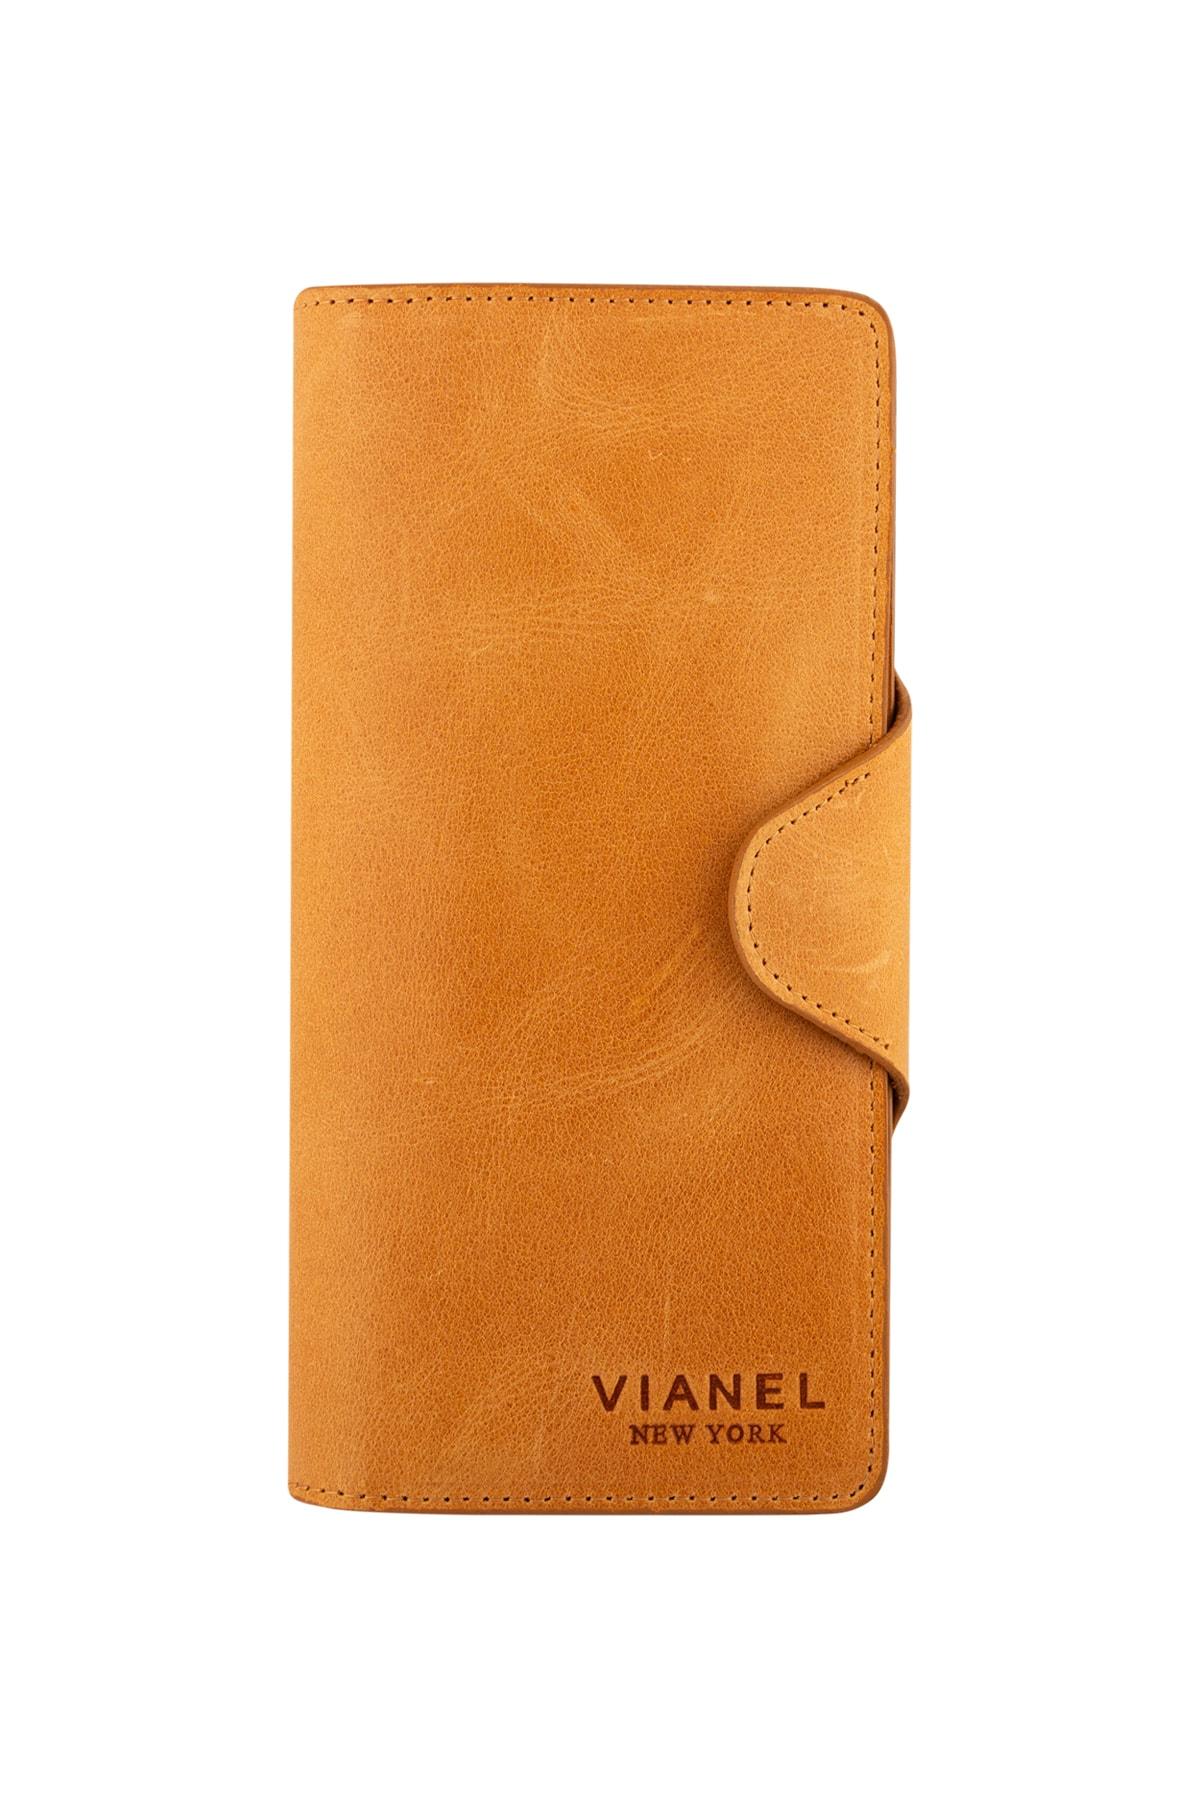 Vianel New York Unisex Axel Crazy Deri Hardal Sarısı Portföy Cüzdan 1